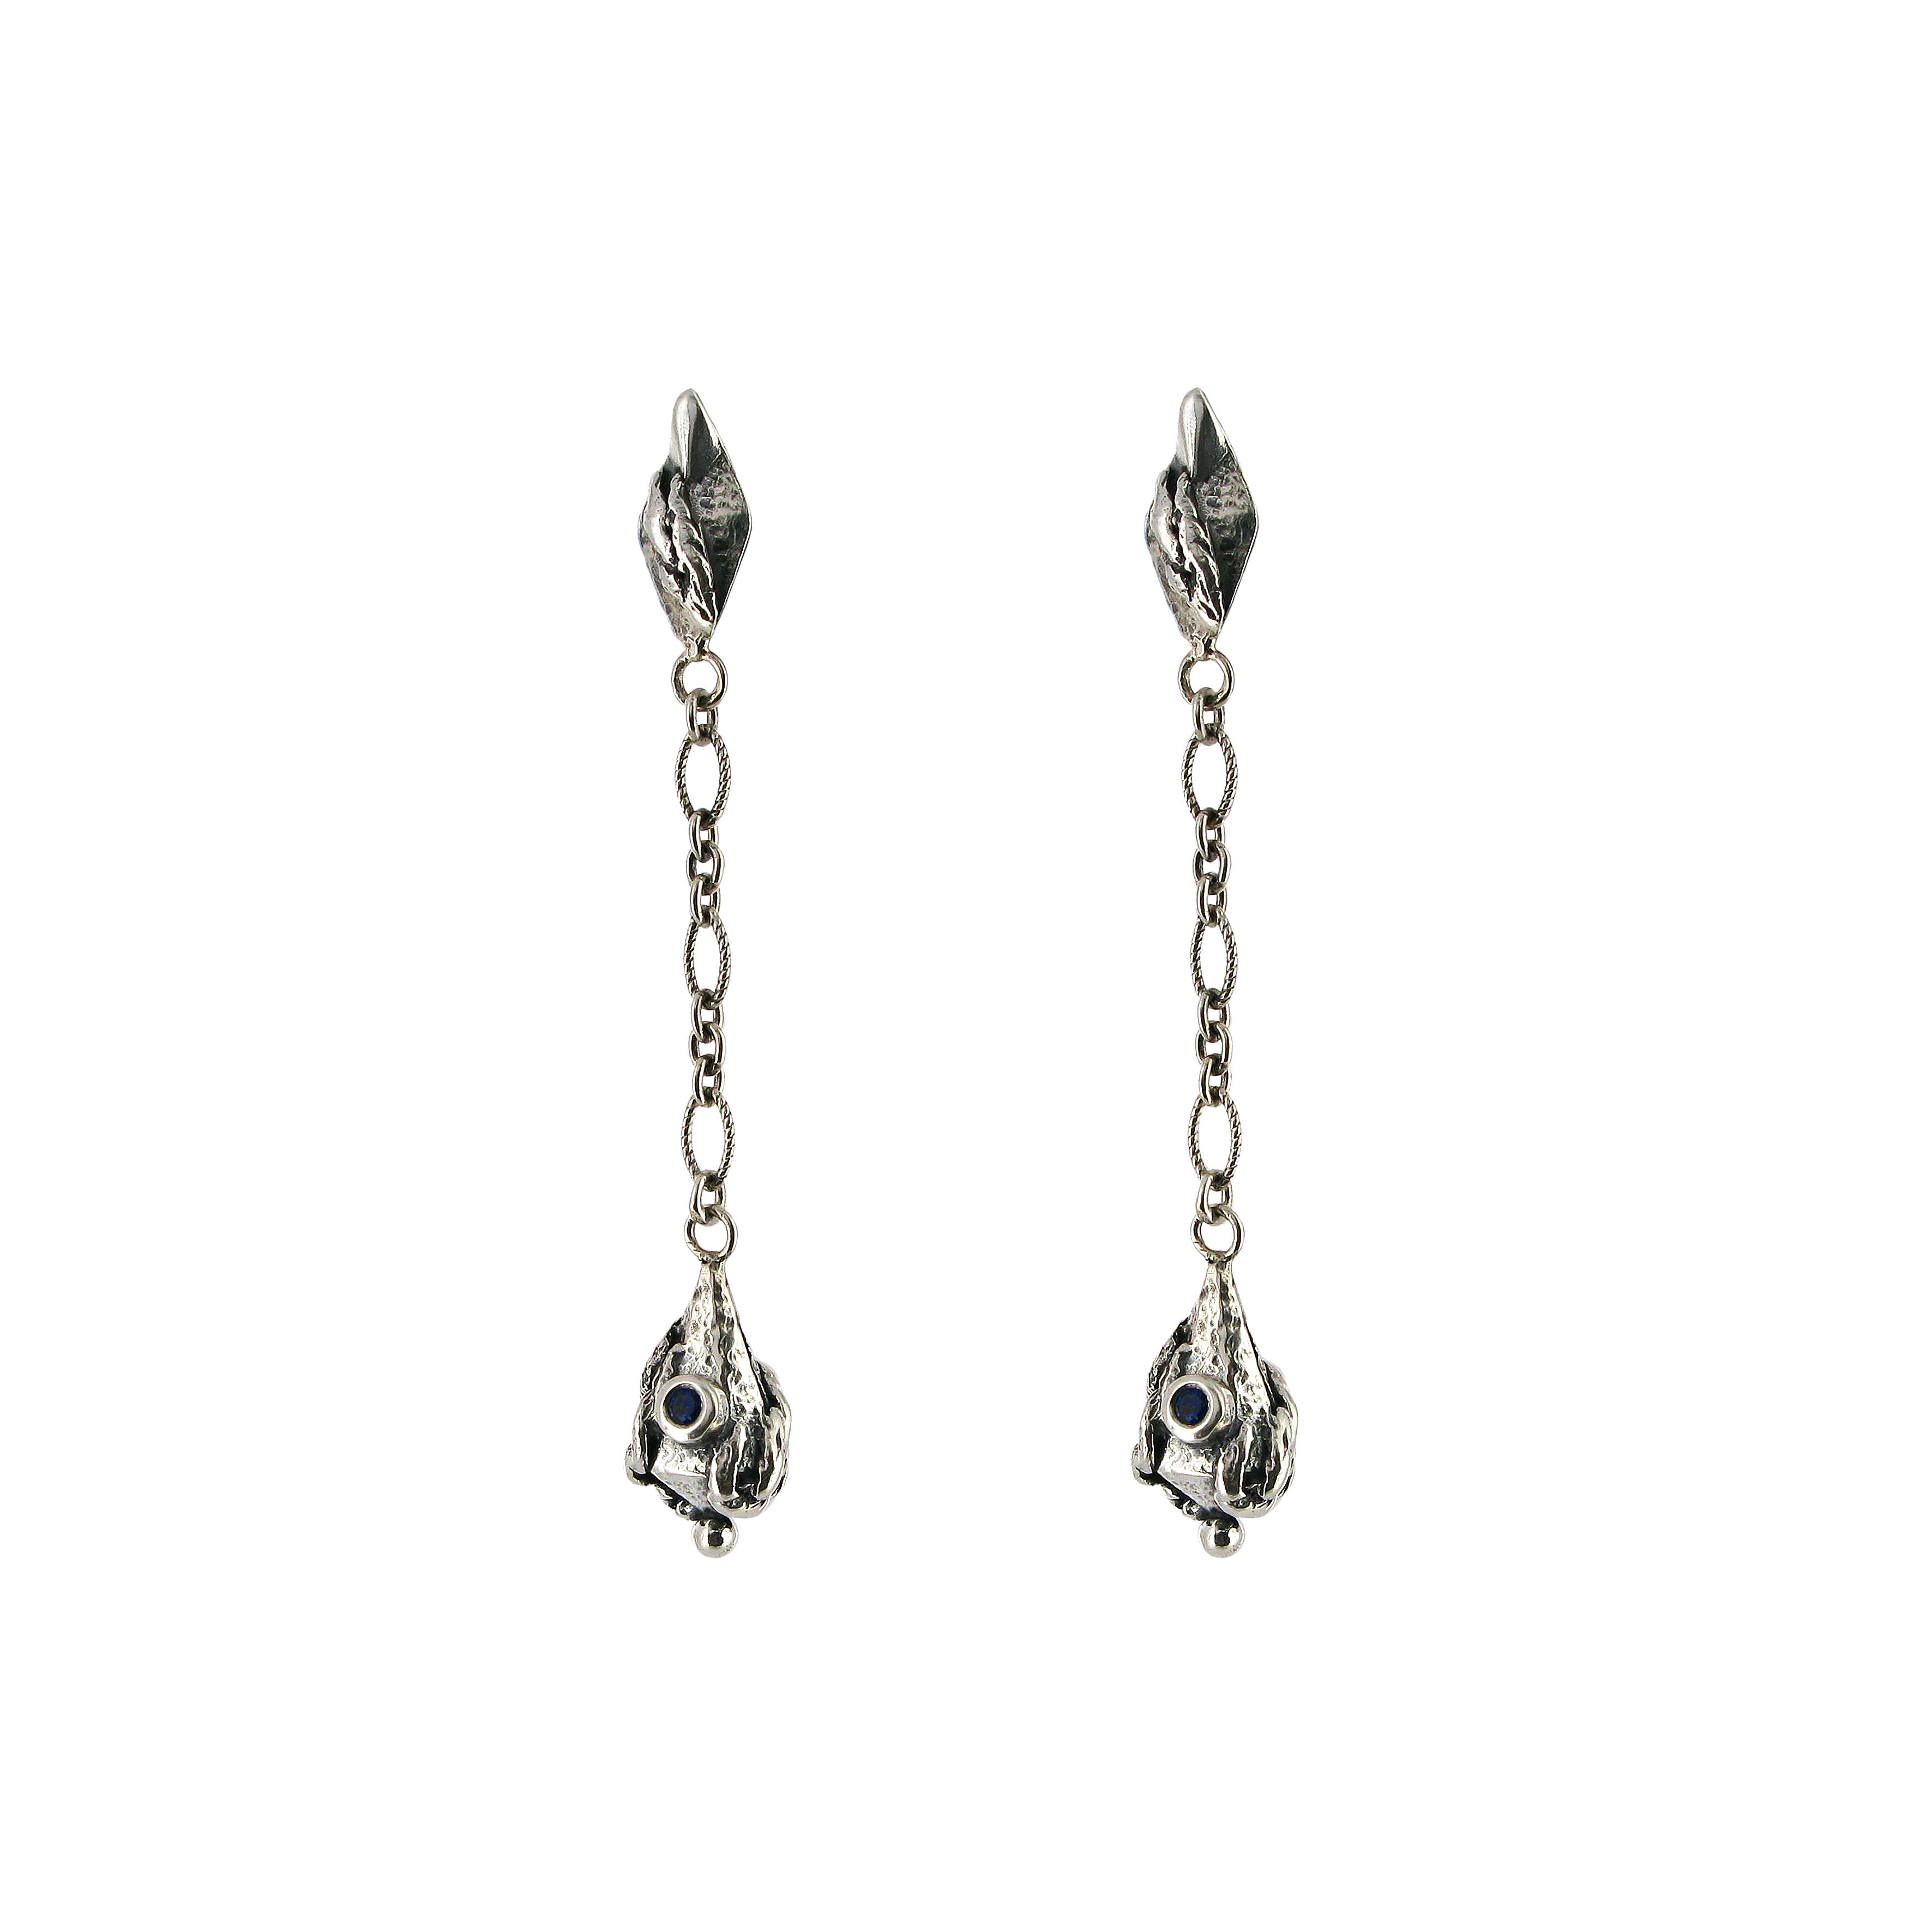 Lantern silver drop earrings